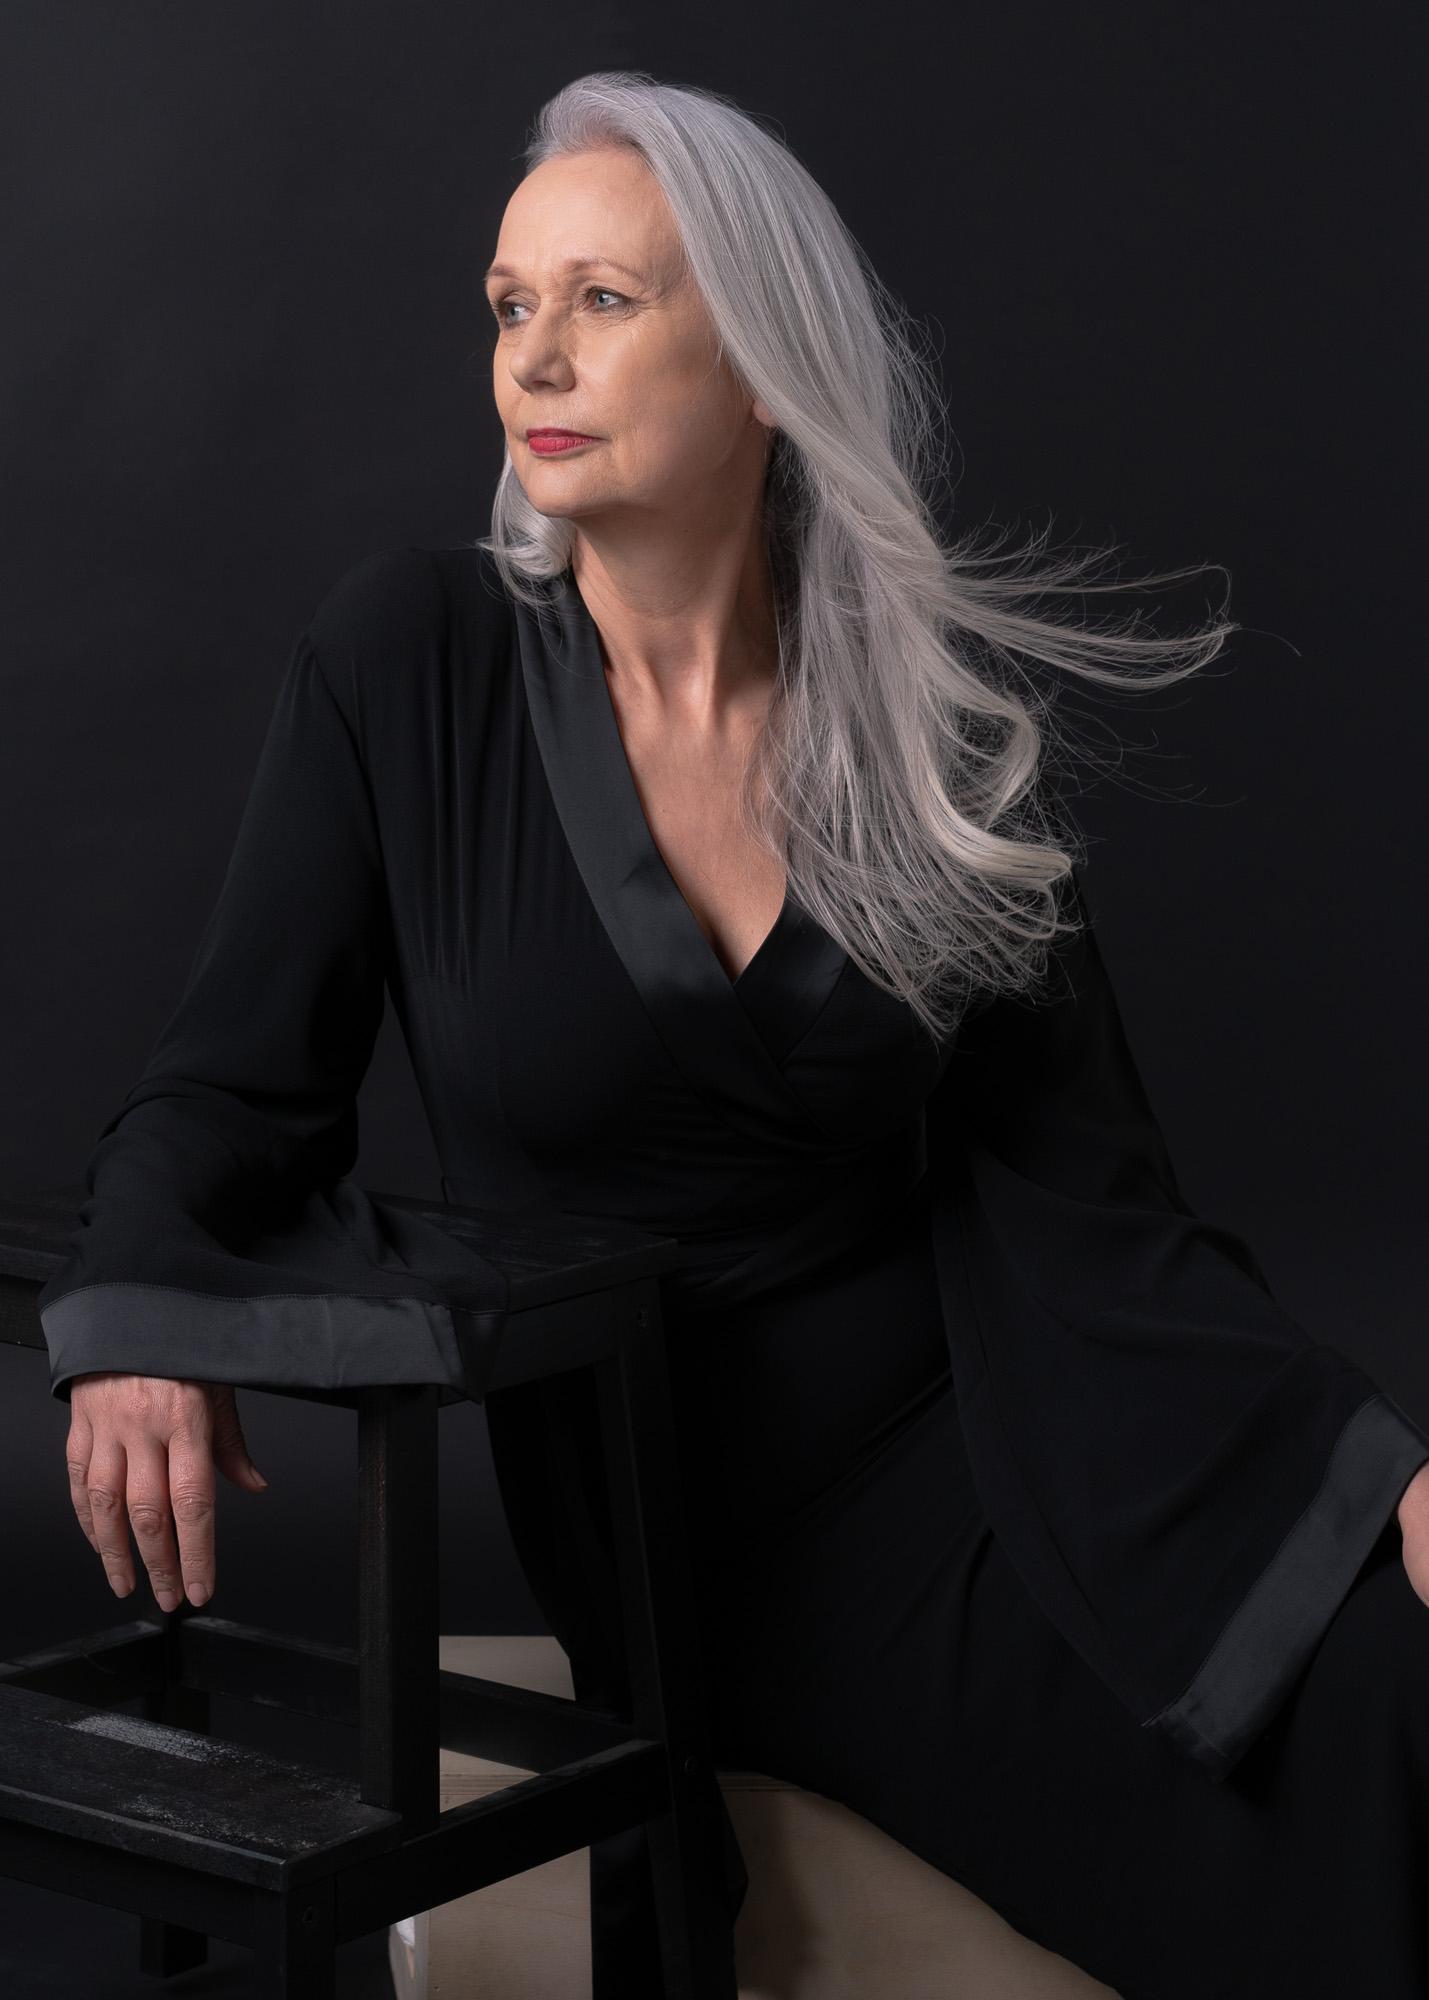 Joanna, The Grey Hair Model